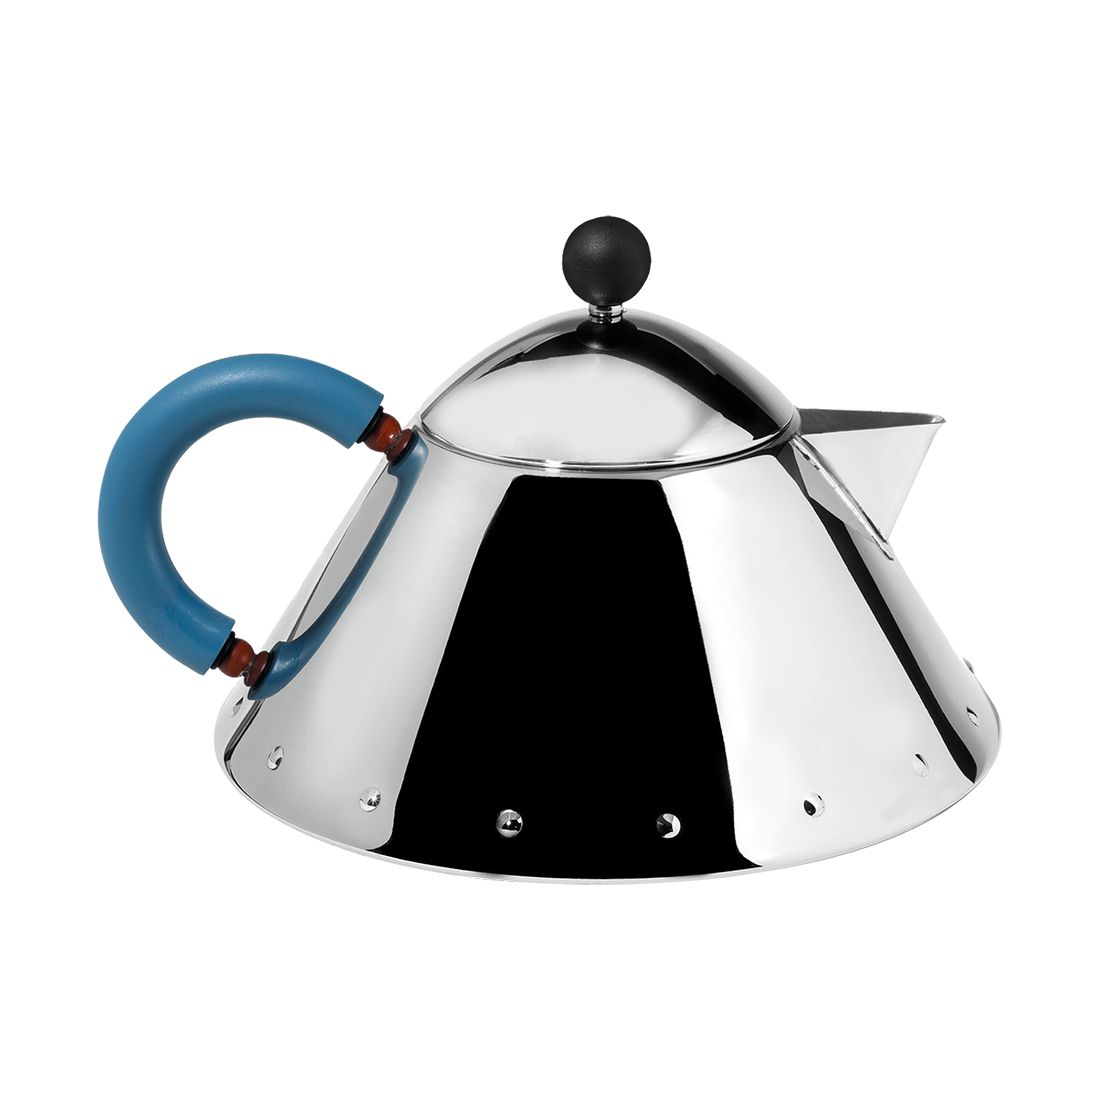 Teekanne MG33 – Kanne: Edelstahl, Griff und Knopf: PA Silber mit hellblauem Griff, Alessi günstig bestellen